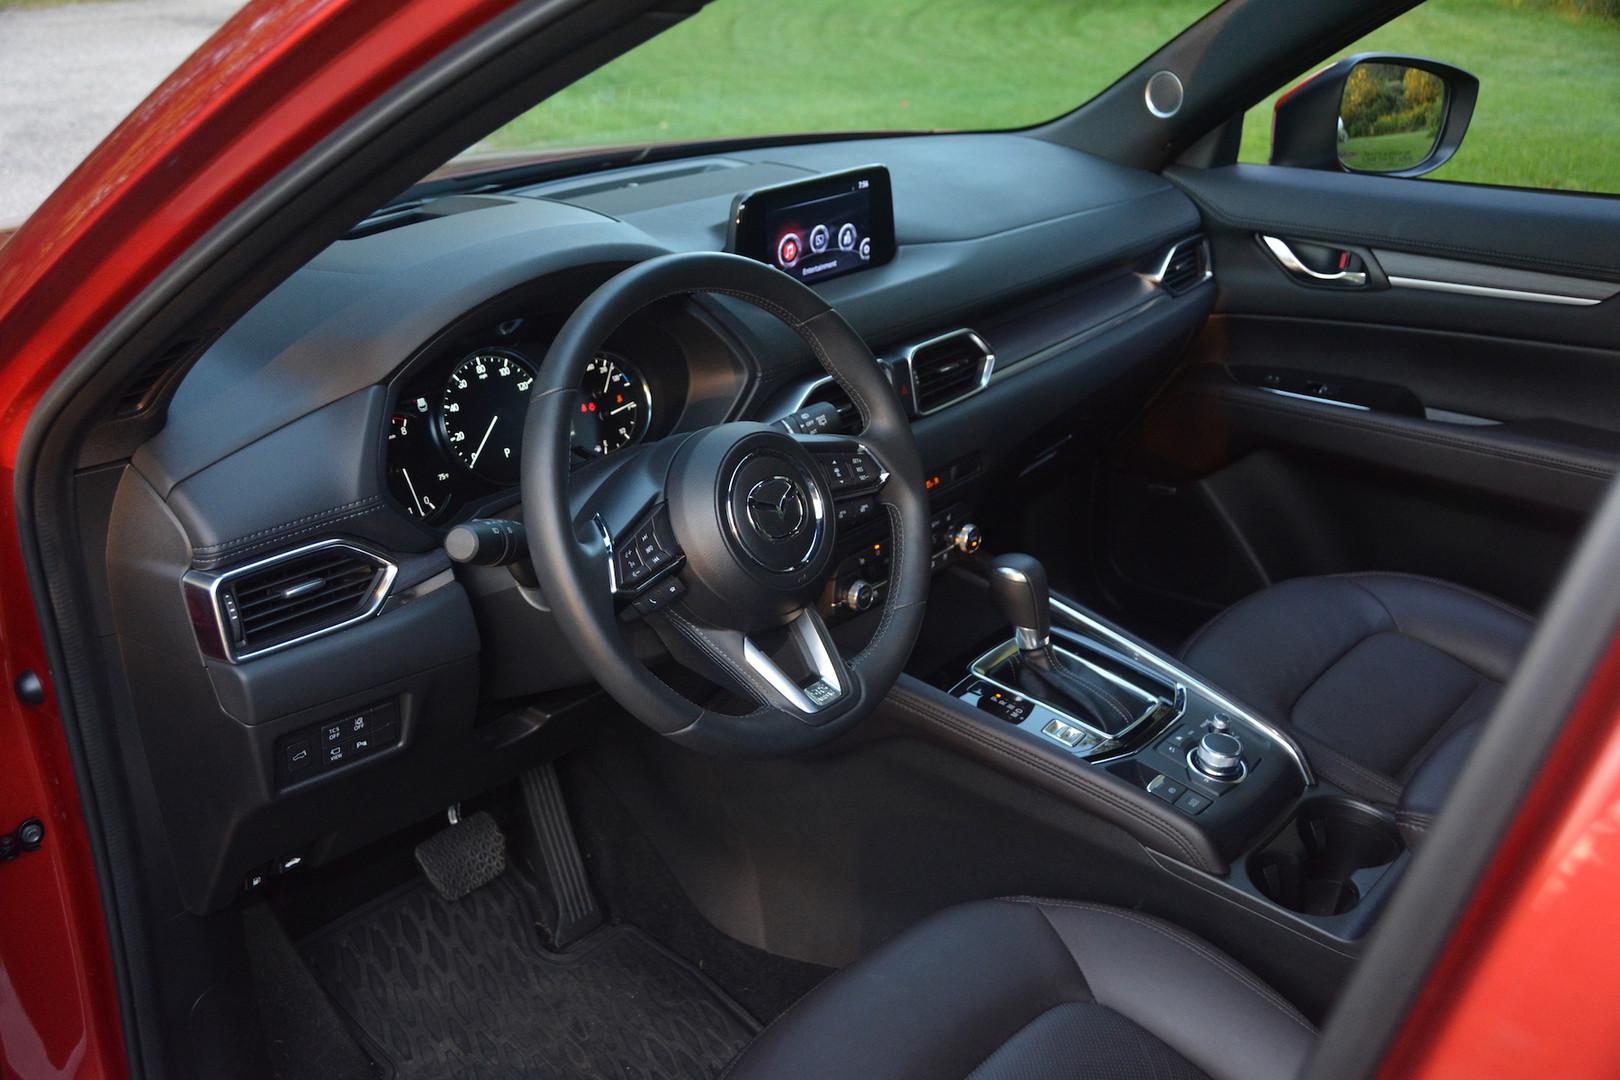 2019 Mazda CX5 Steering